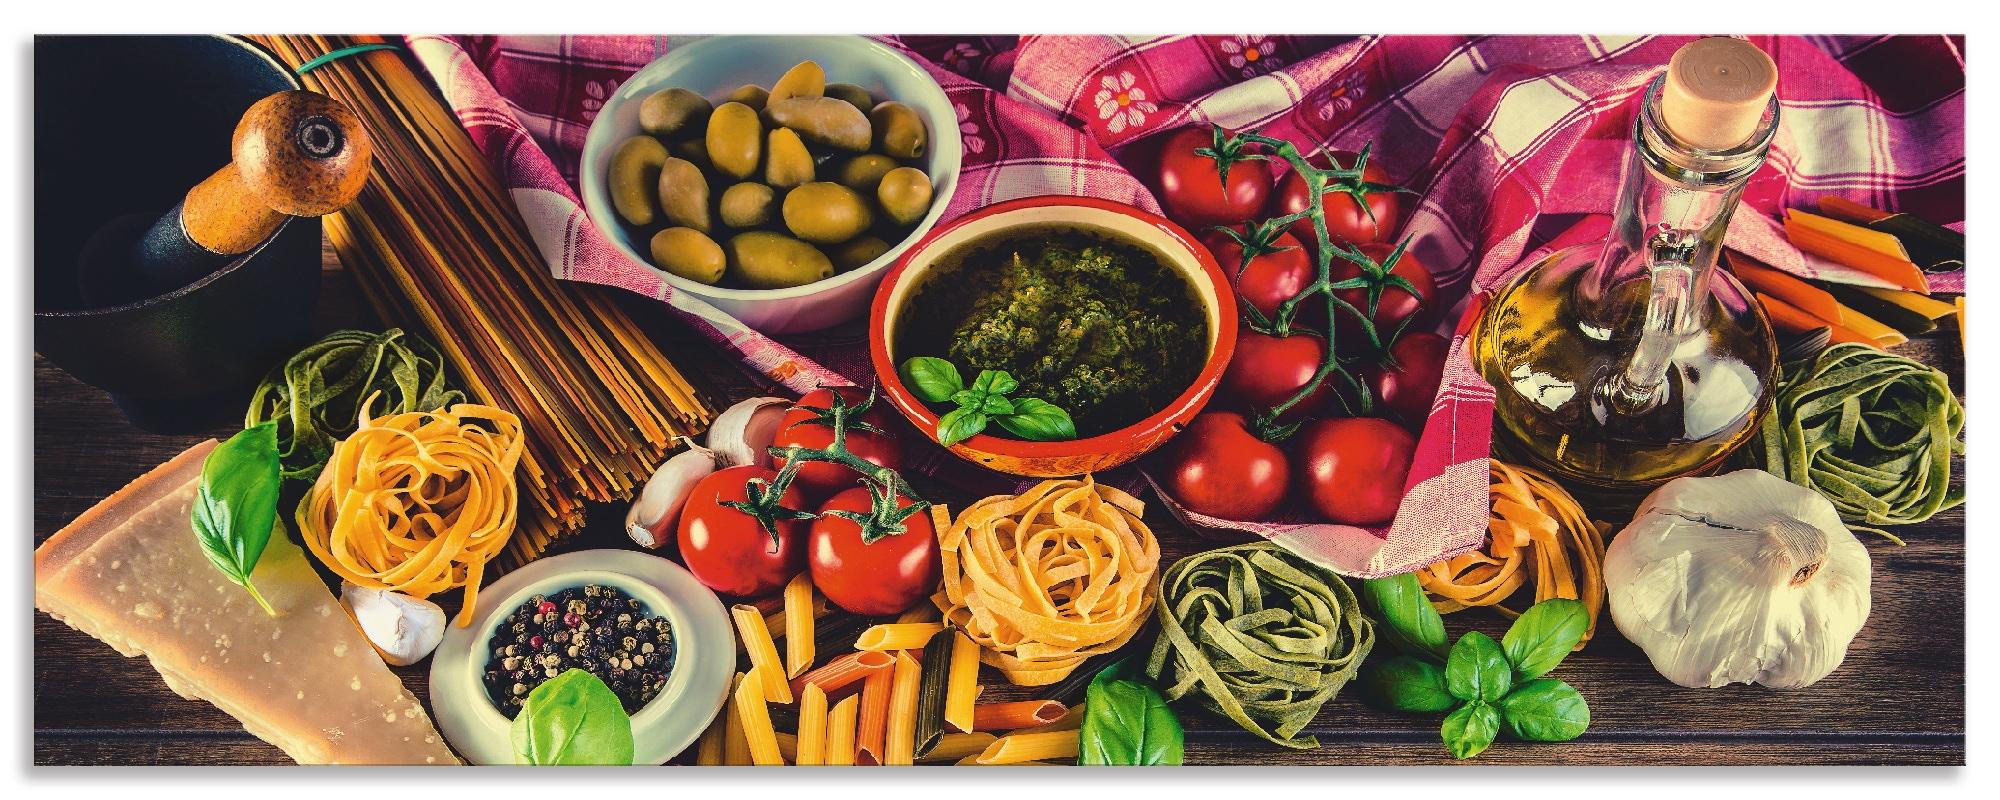 Artland Küchenrückwand Italienisch mediterrane Lebensmittel, selbstklebend in vielen Größen - Spritzschutz Küche hinter Herd u. Spüle als Wandschutz vor Fett, Wasser u. Schmutz - Rückwand, Wandverkleidung aus Alu